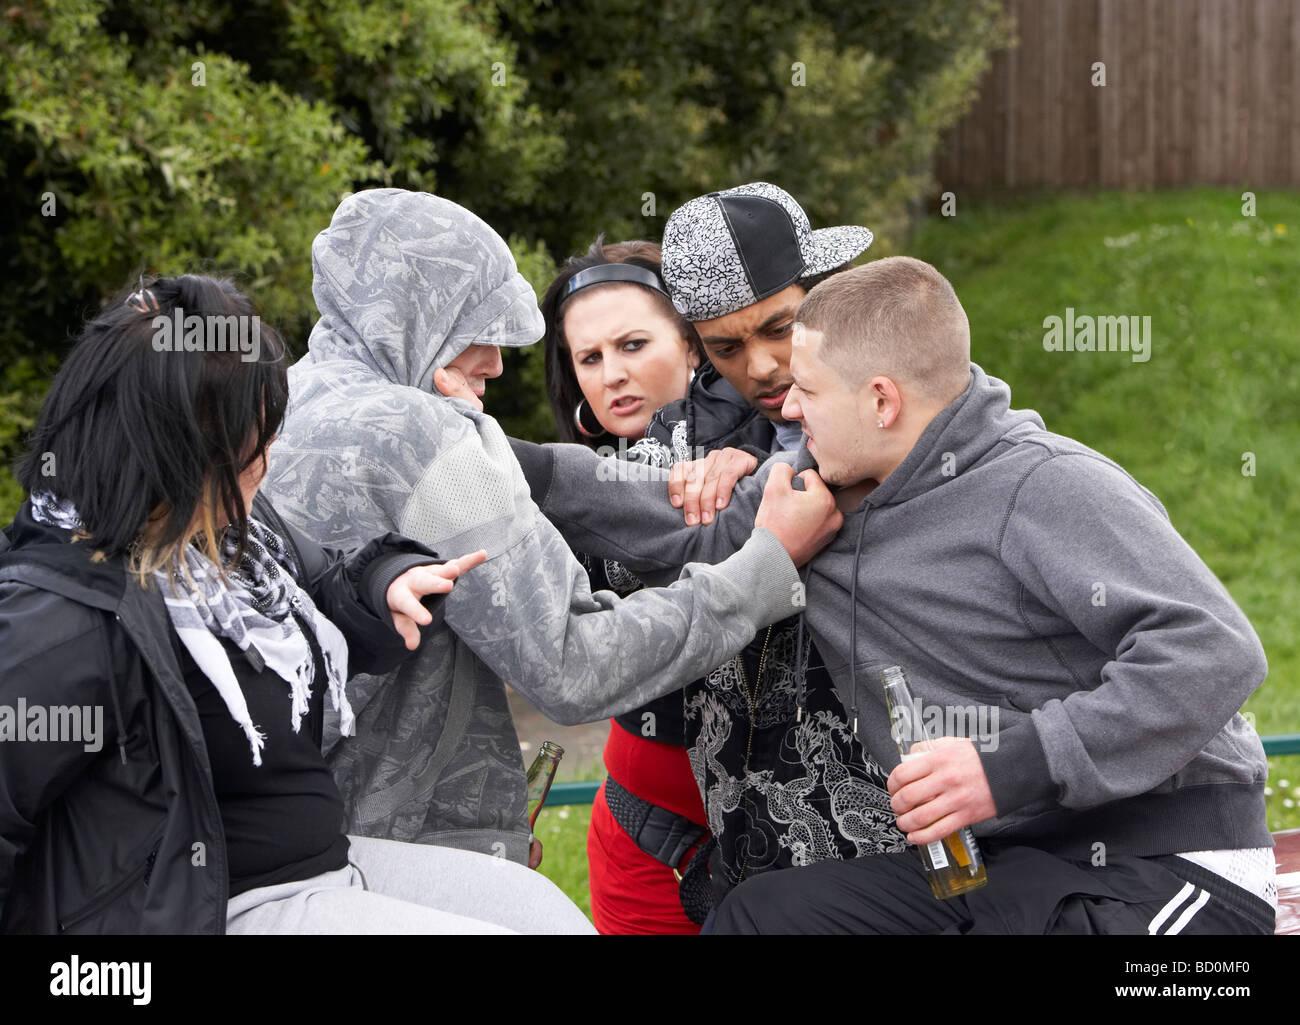 Banda de jóvenes luchando Imagen De Stock